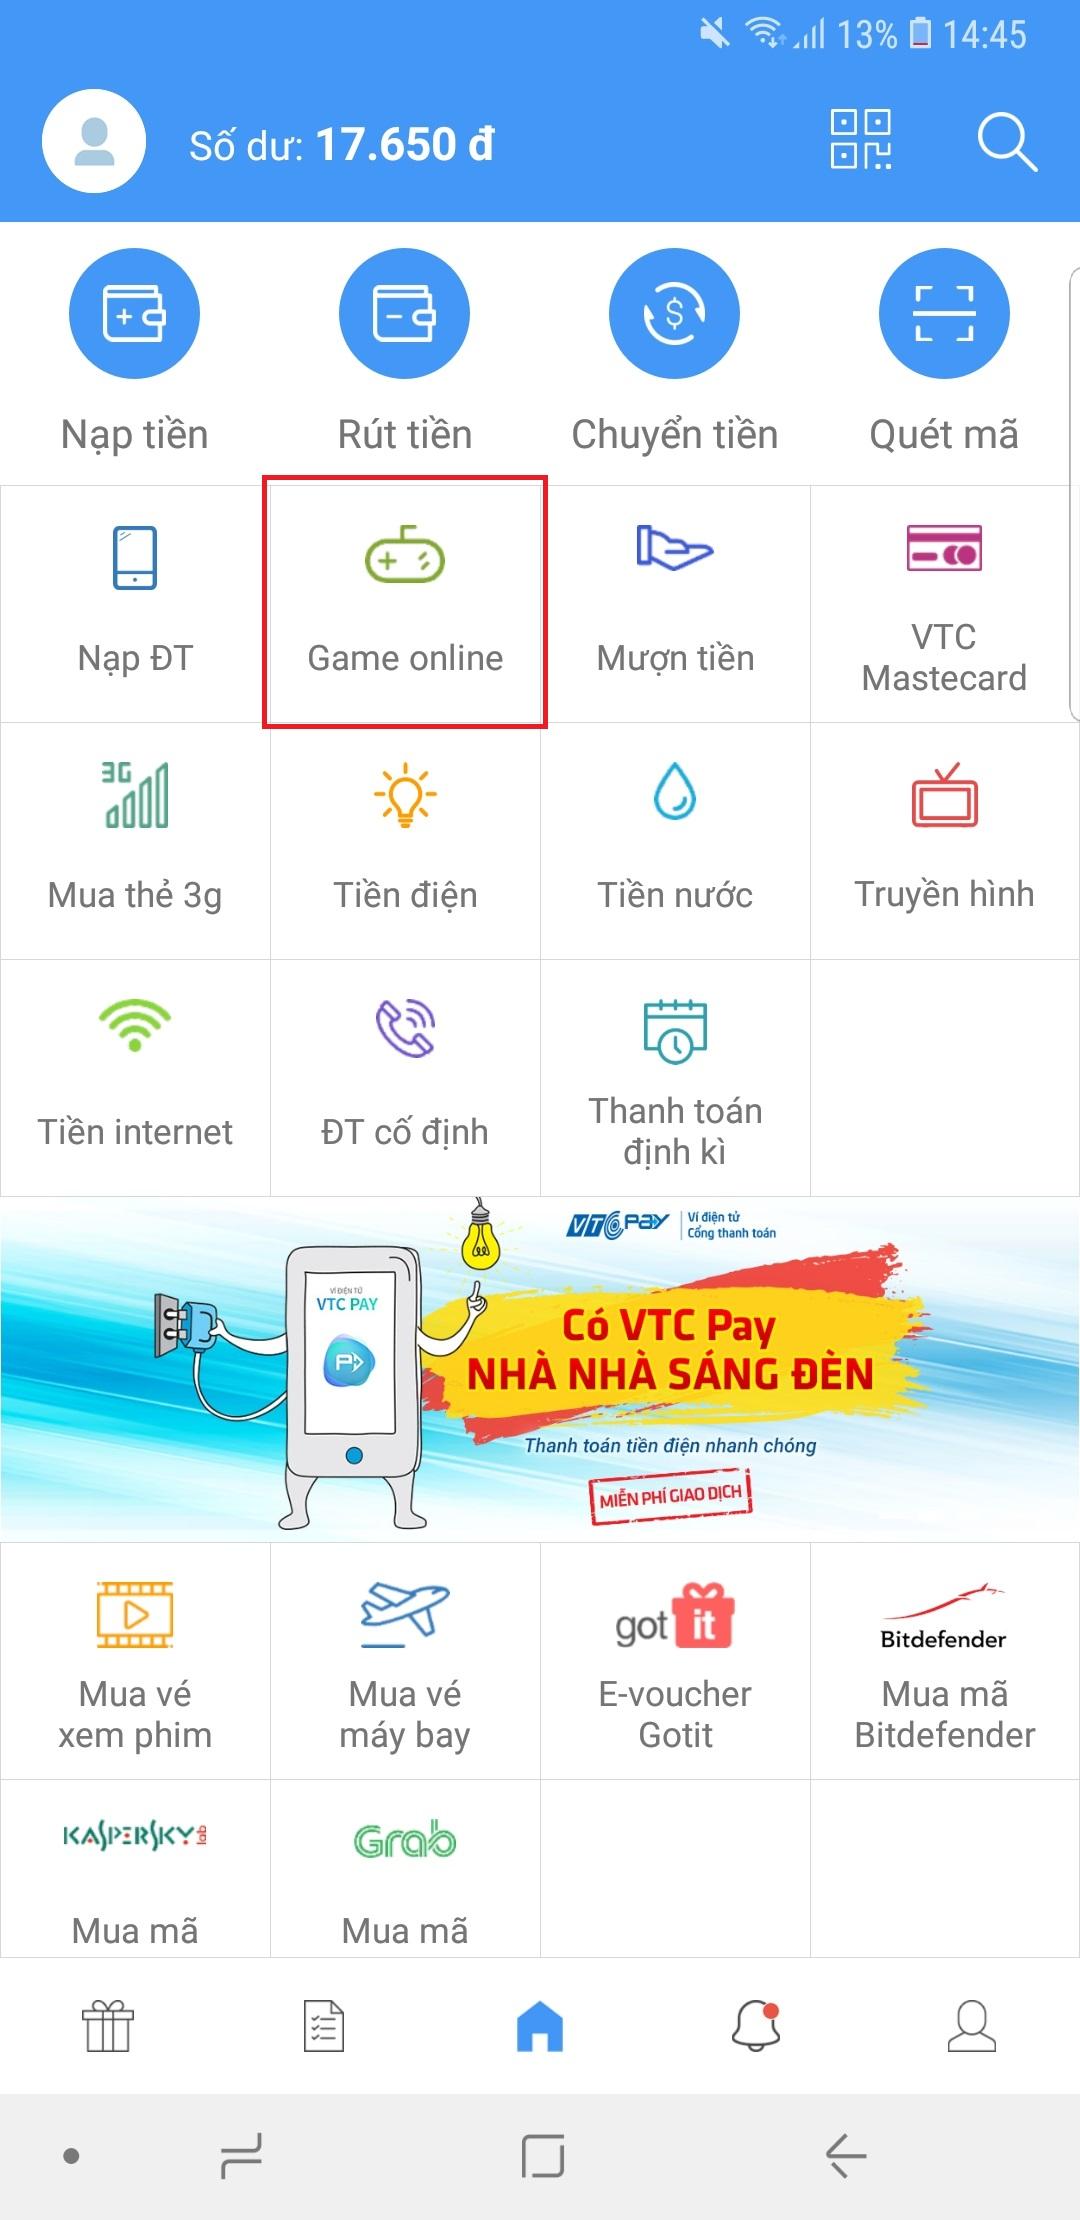 Mua thẻ Sohacoin với ứng dụng ví điện tử VTC Pay